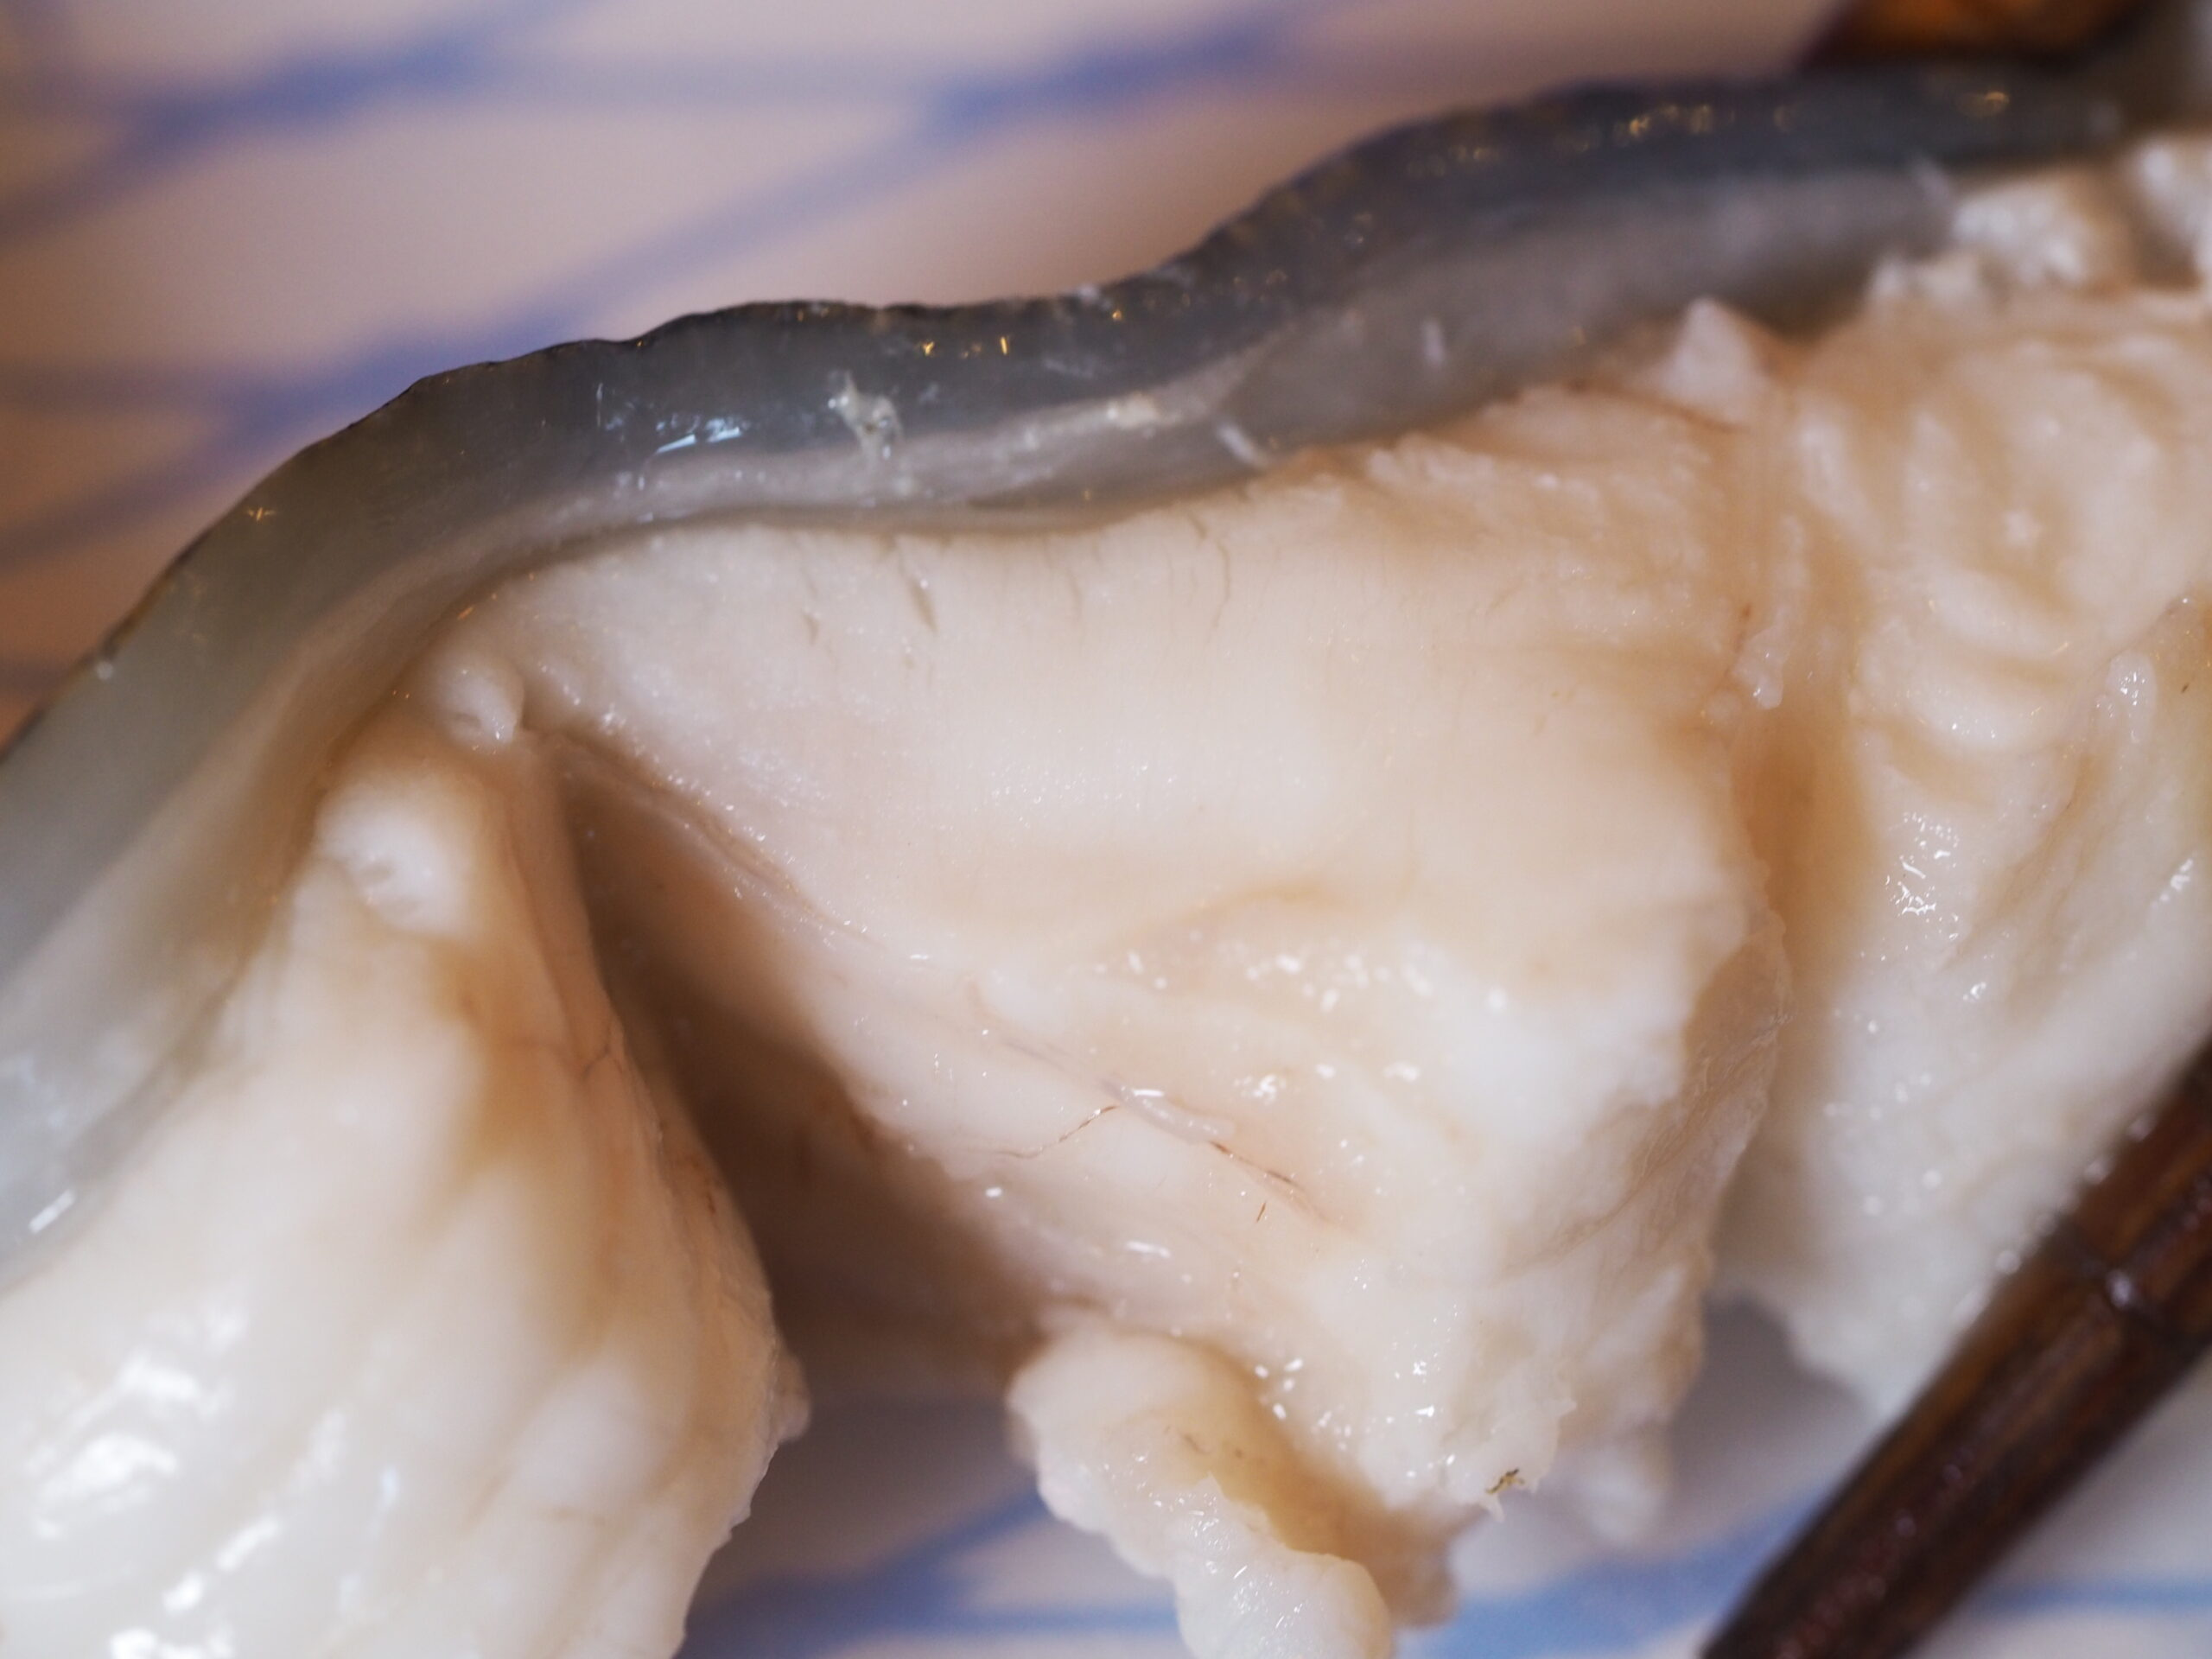 ウツボを食べて精力絶倫になりませんか? 昔から精が付くと言われてきた魚ですが、これを食べれば元気はつらつ、夏バテも吹っ飛びます。